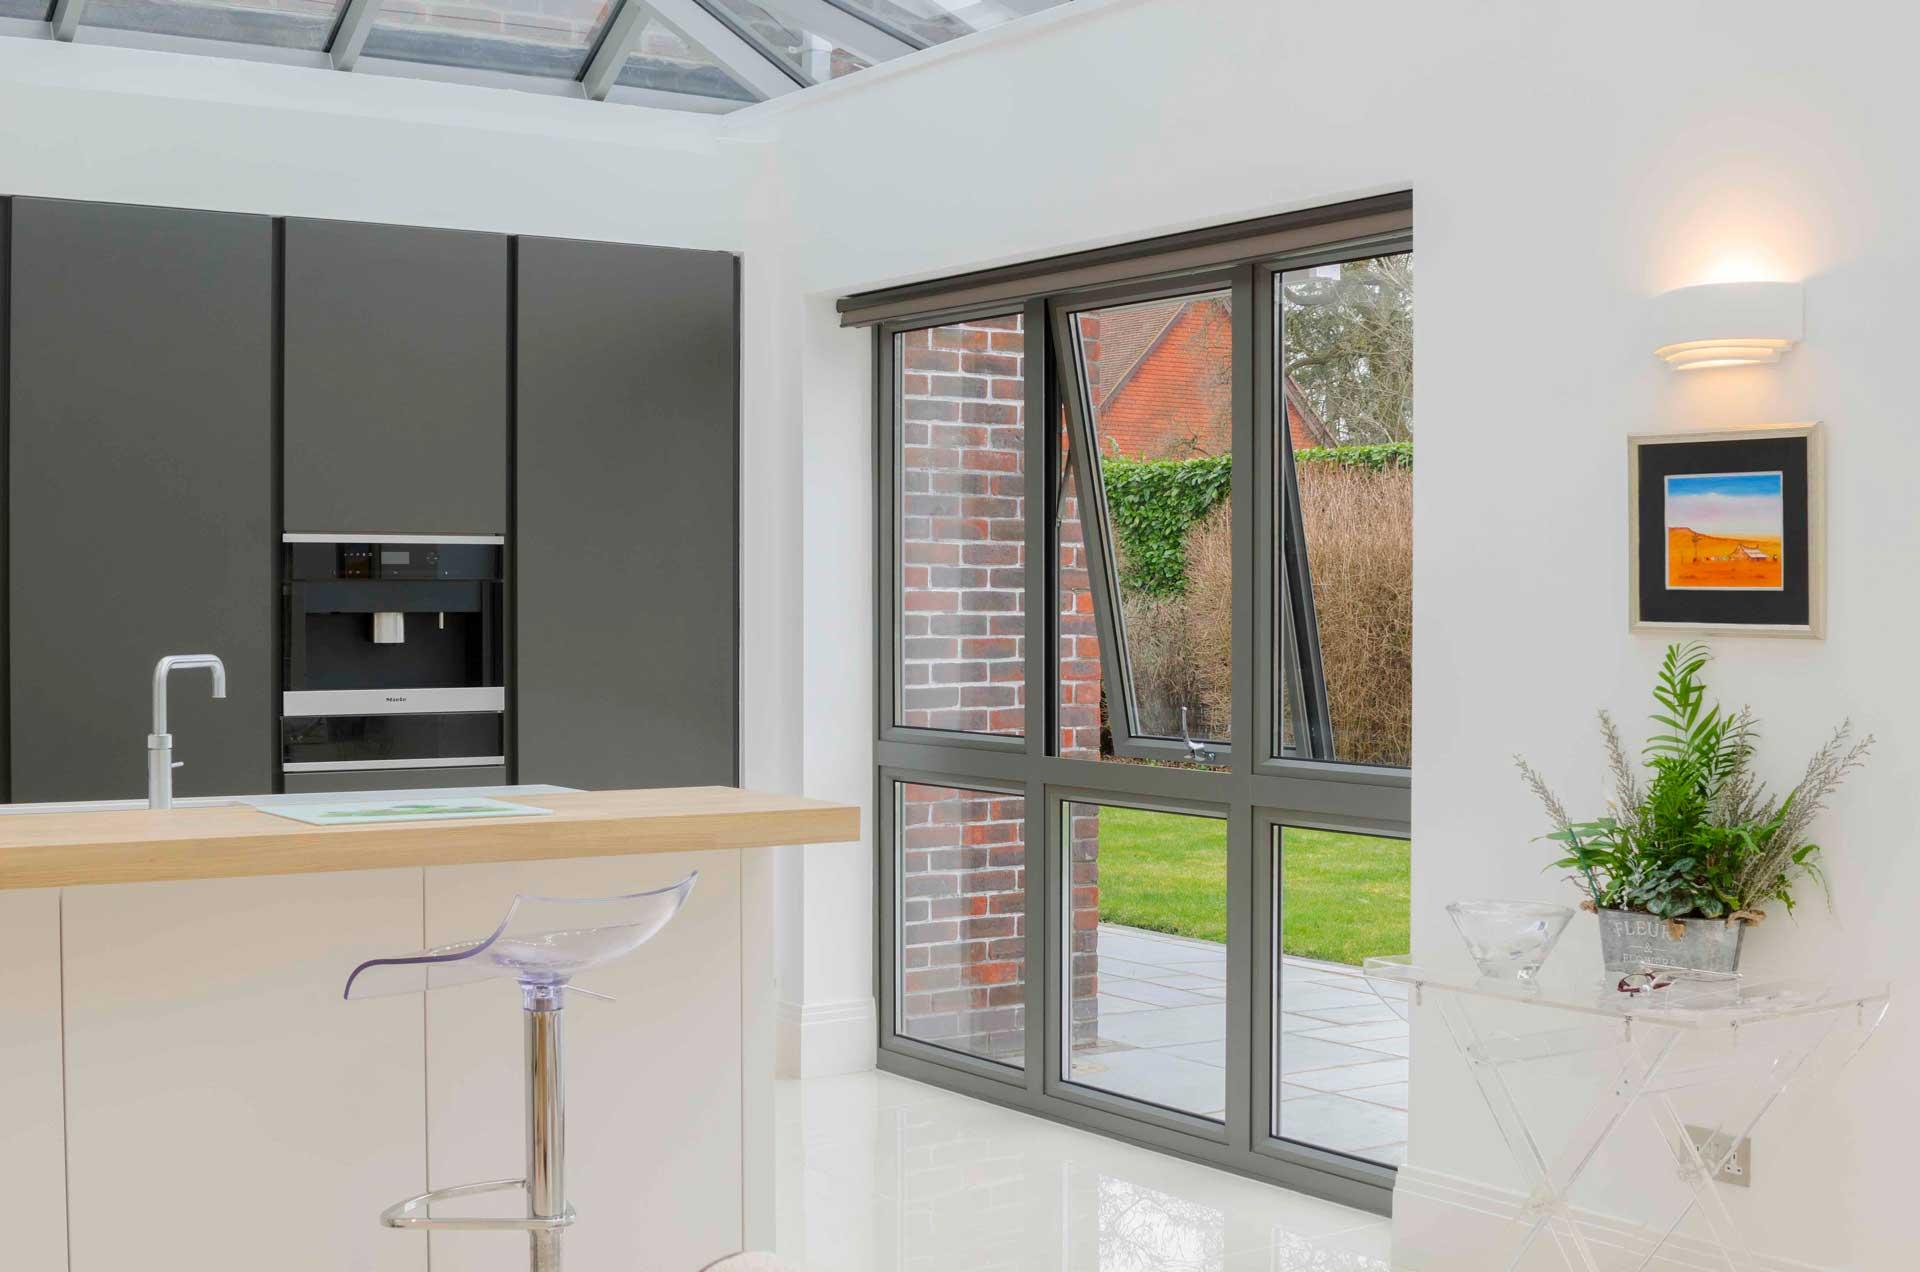 aluminium windows costs in west sussex